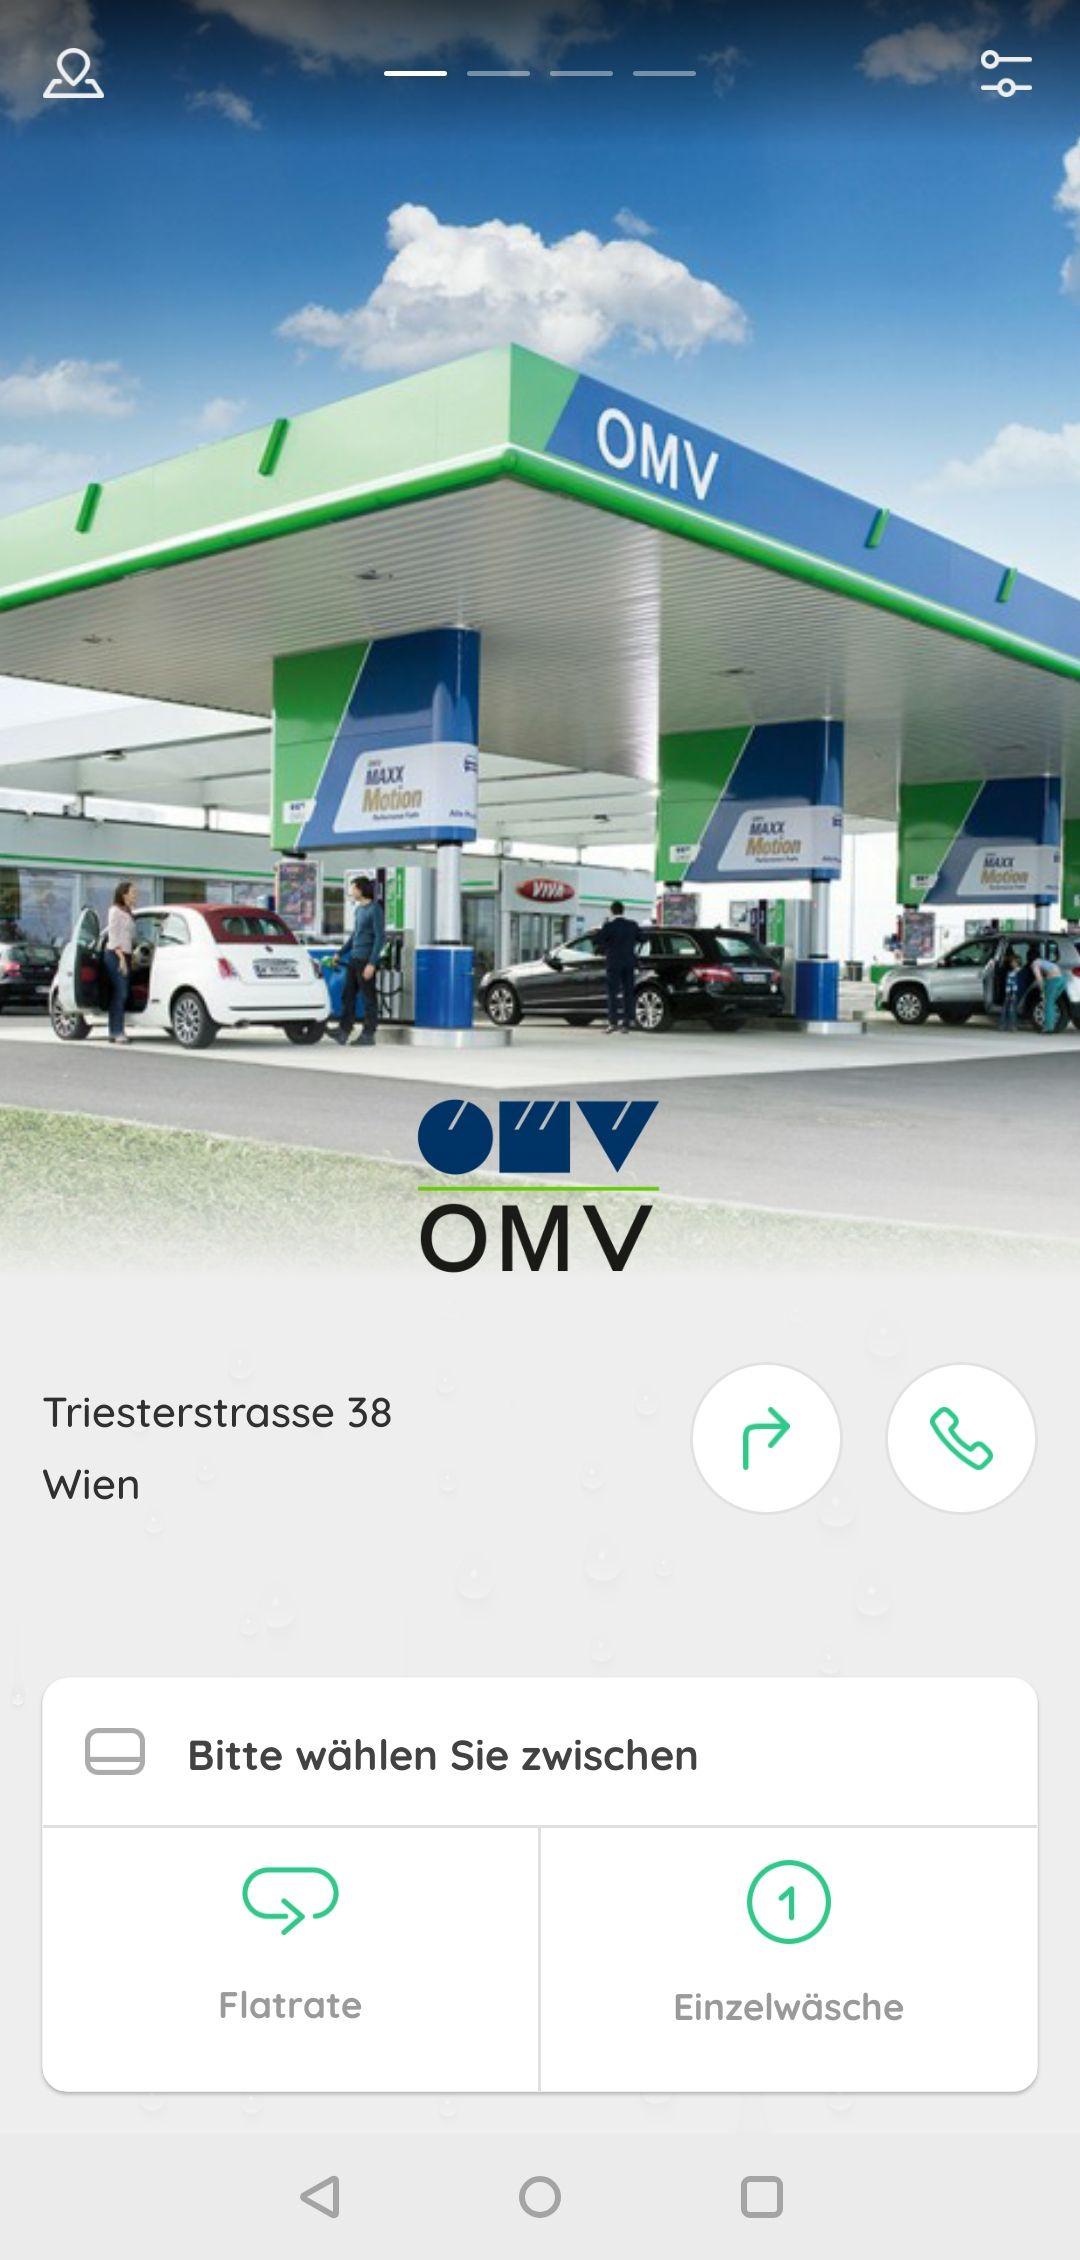 Gratis autowaschen bei OMV